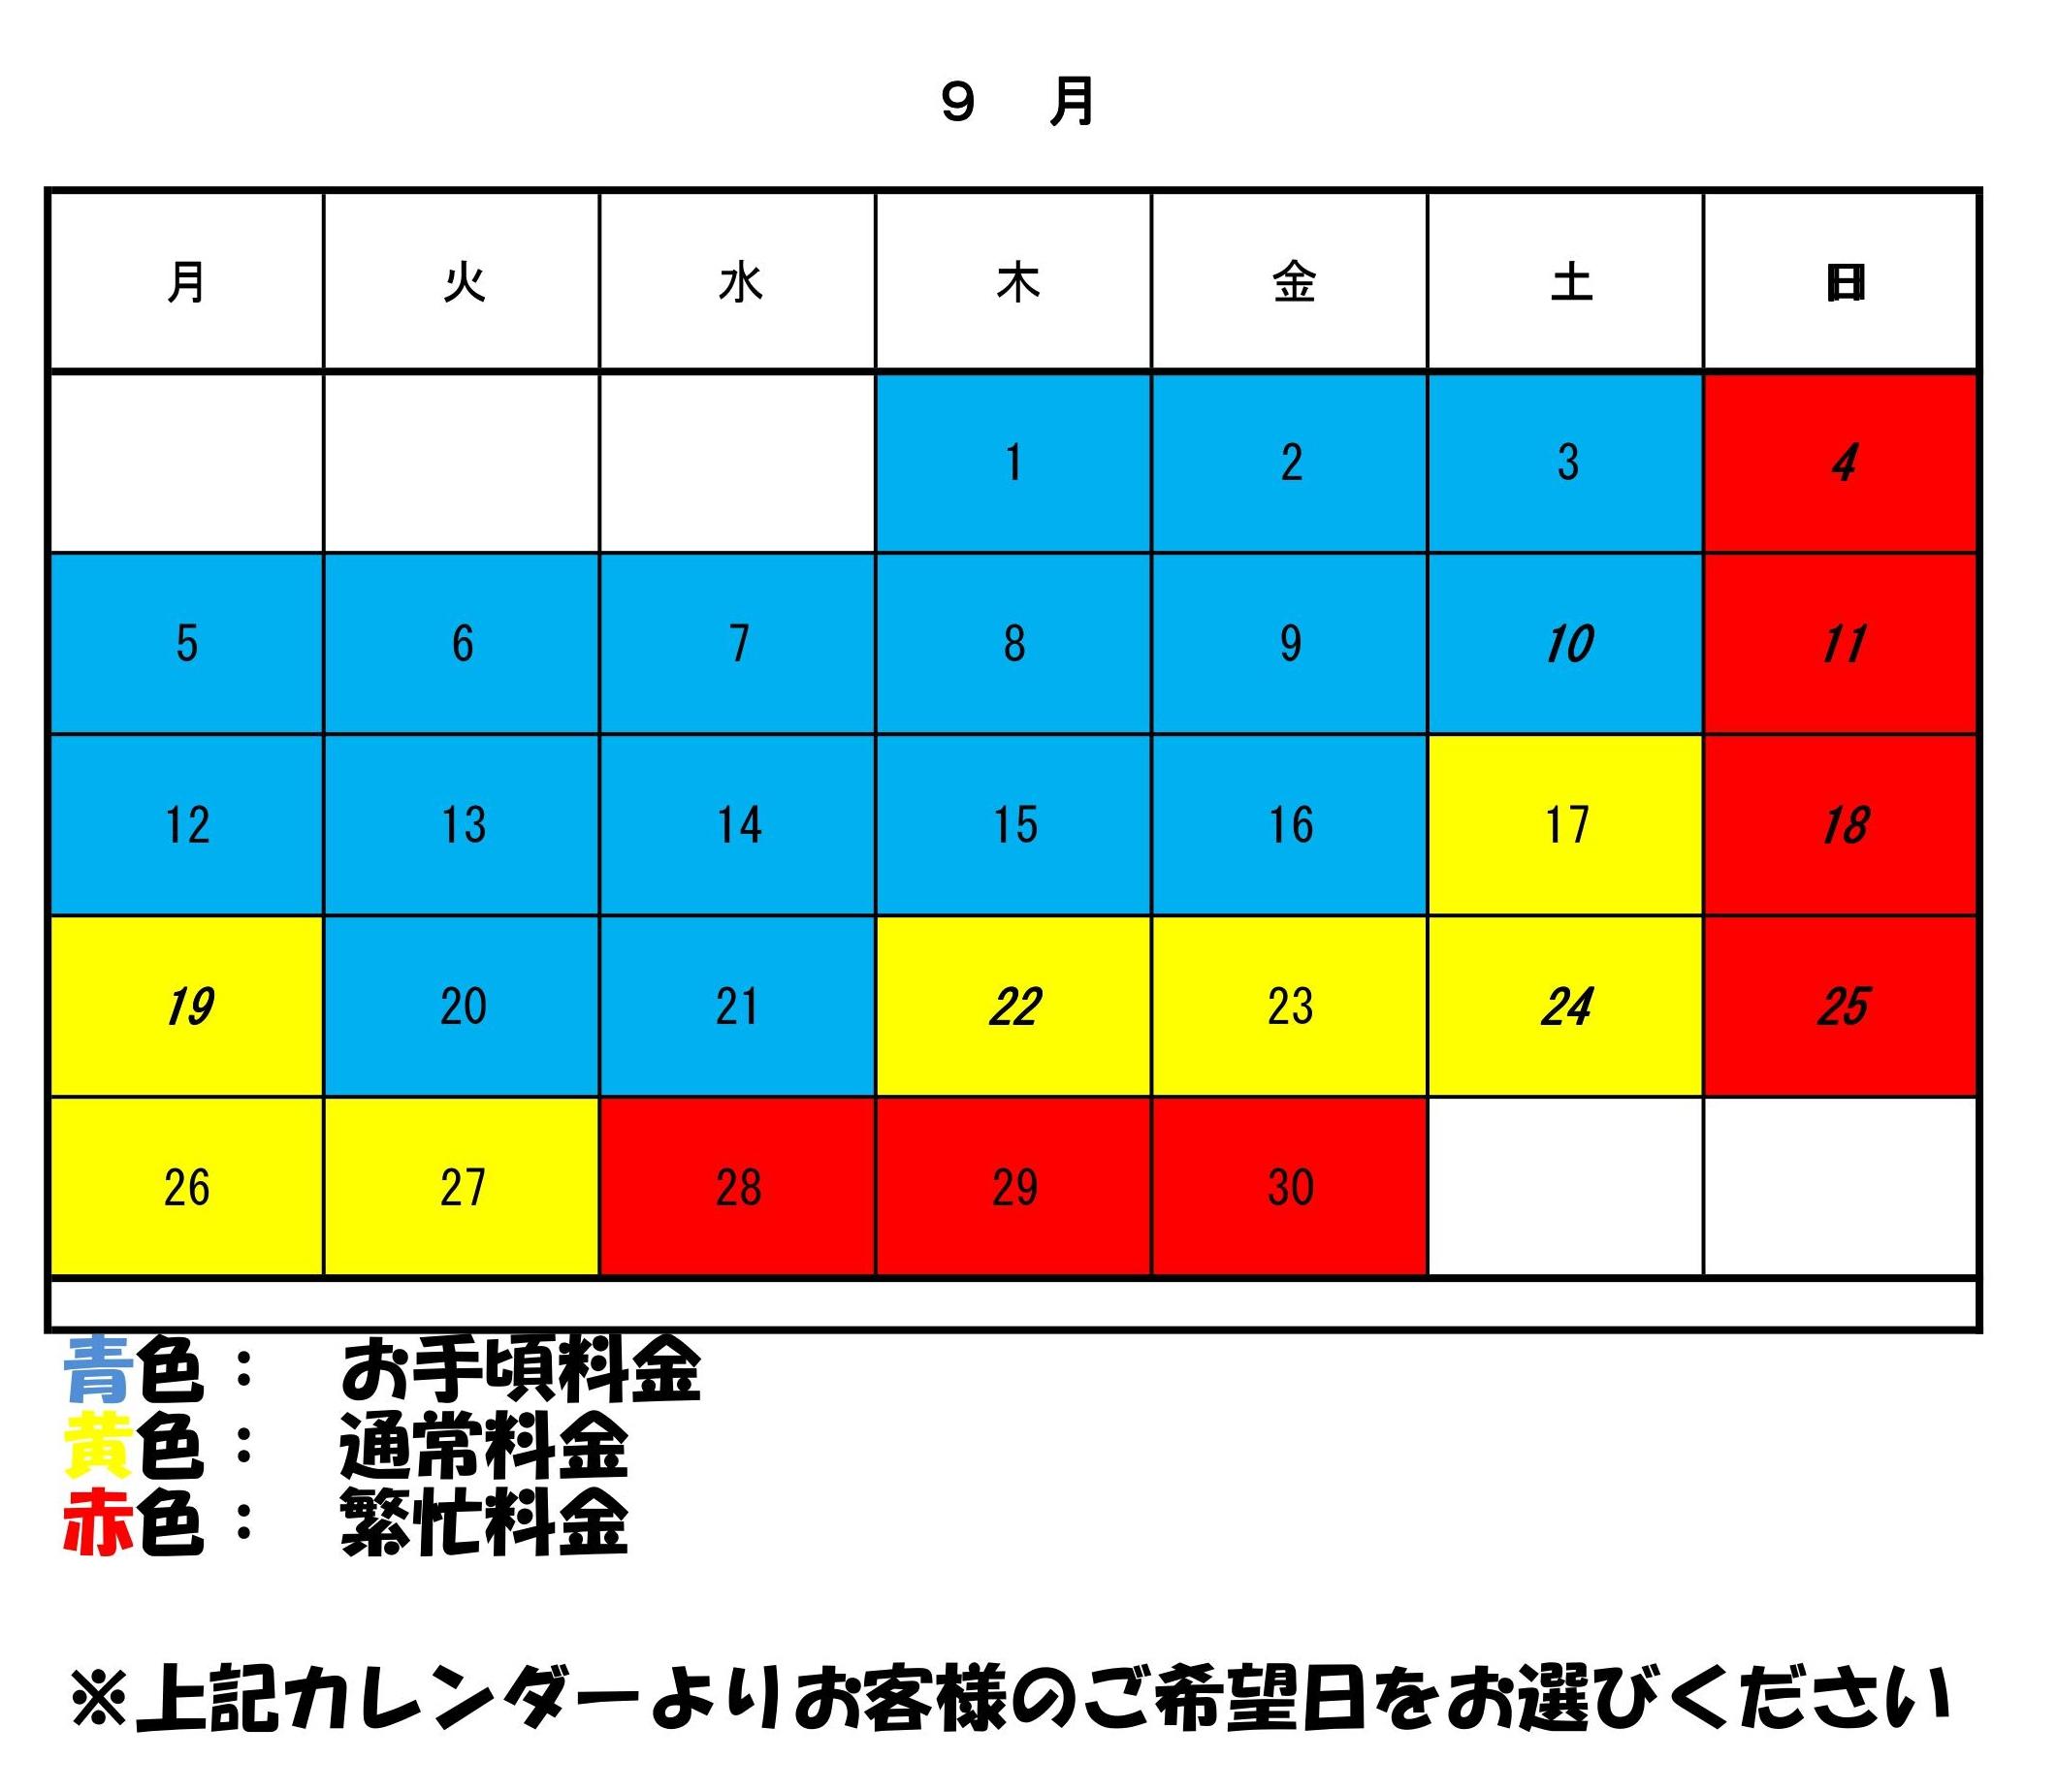 http://www.ikedapiano.co.jp/001.jpg